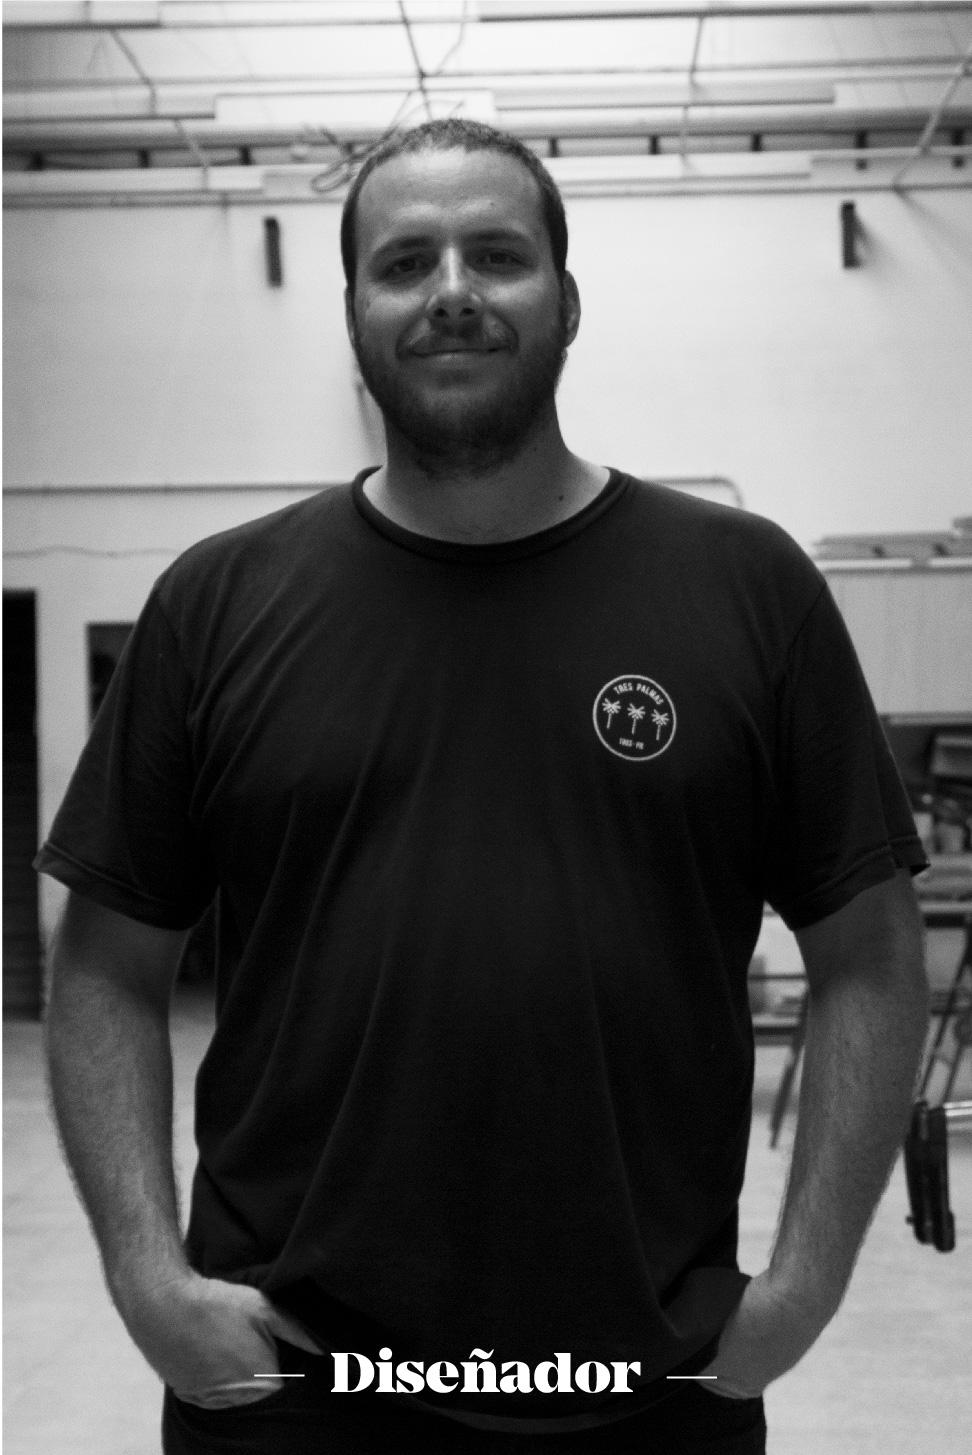 Antonio Vecchini   Antonio, también conocido como SIPI, se mueve entre los cepillos de mano y la CNC. Tiene su propia marca de skates y también enseña a nuestros miembros a usar la CNC y la cortadora laser.